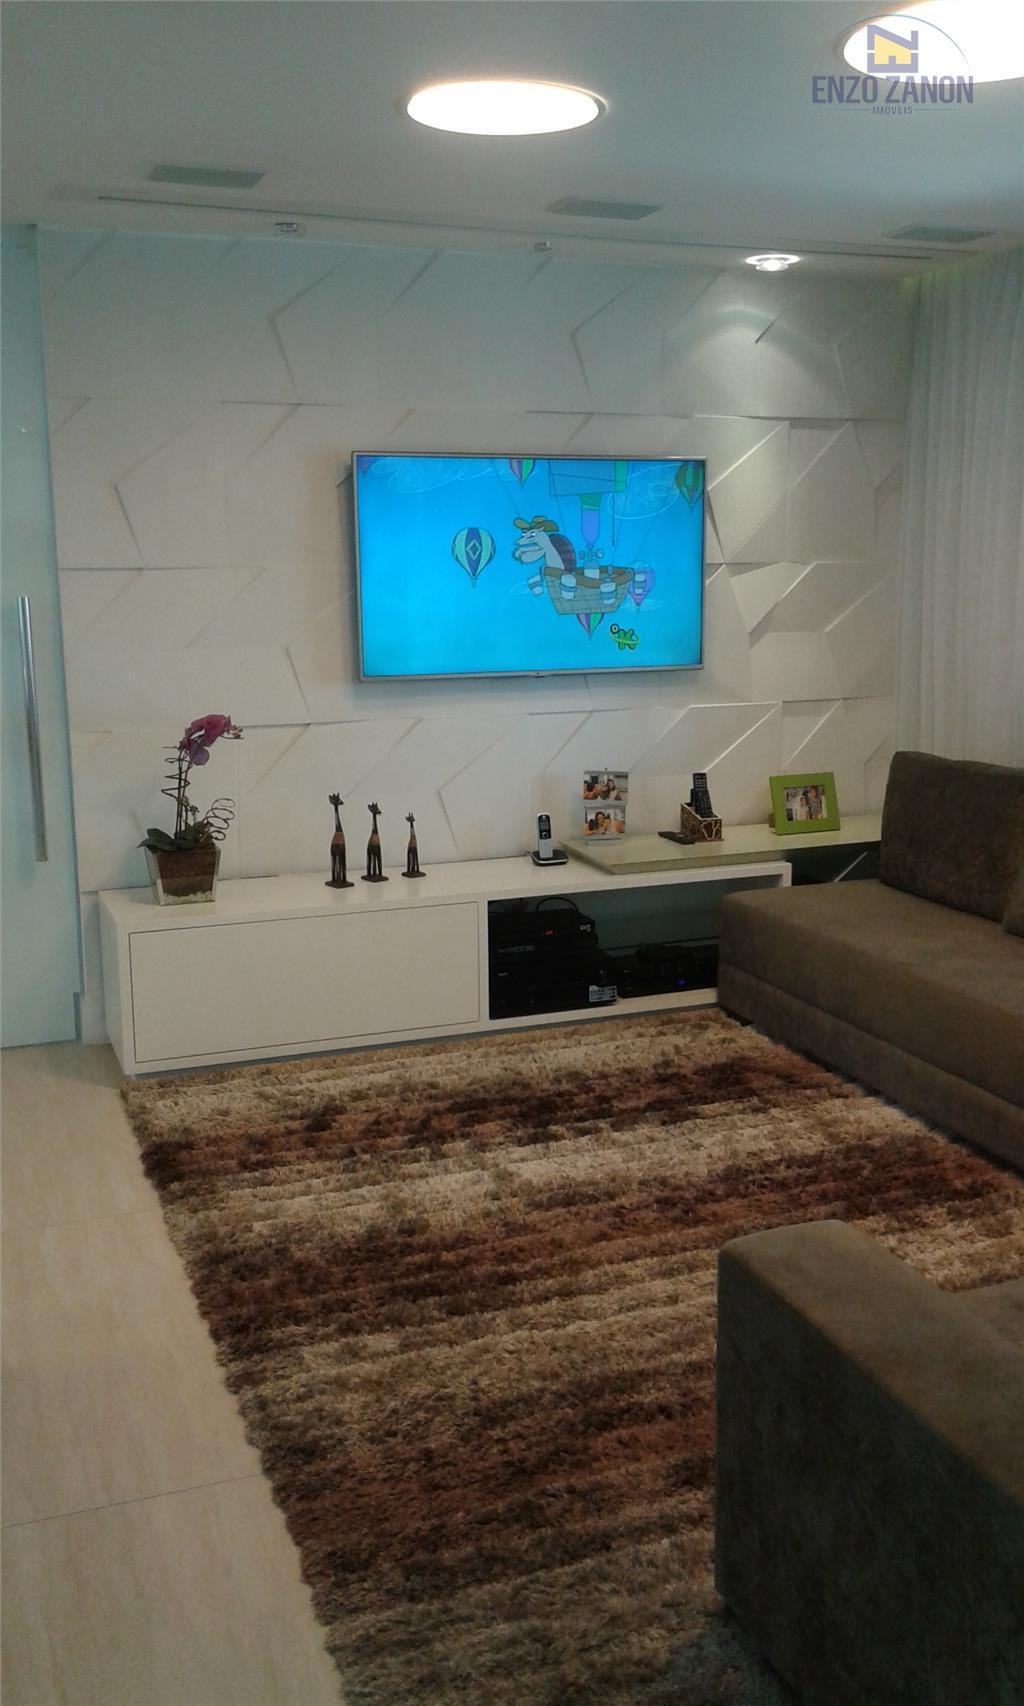 Lindo Apartamento Novo Centro, São Bernardo do Campo, 158 m² privativos mobiliado decorado e 3 vagas